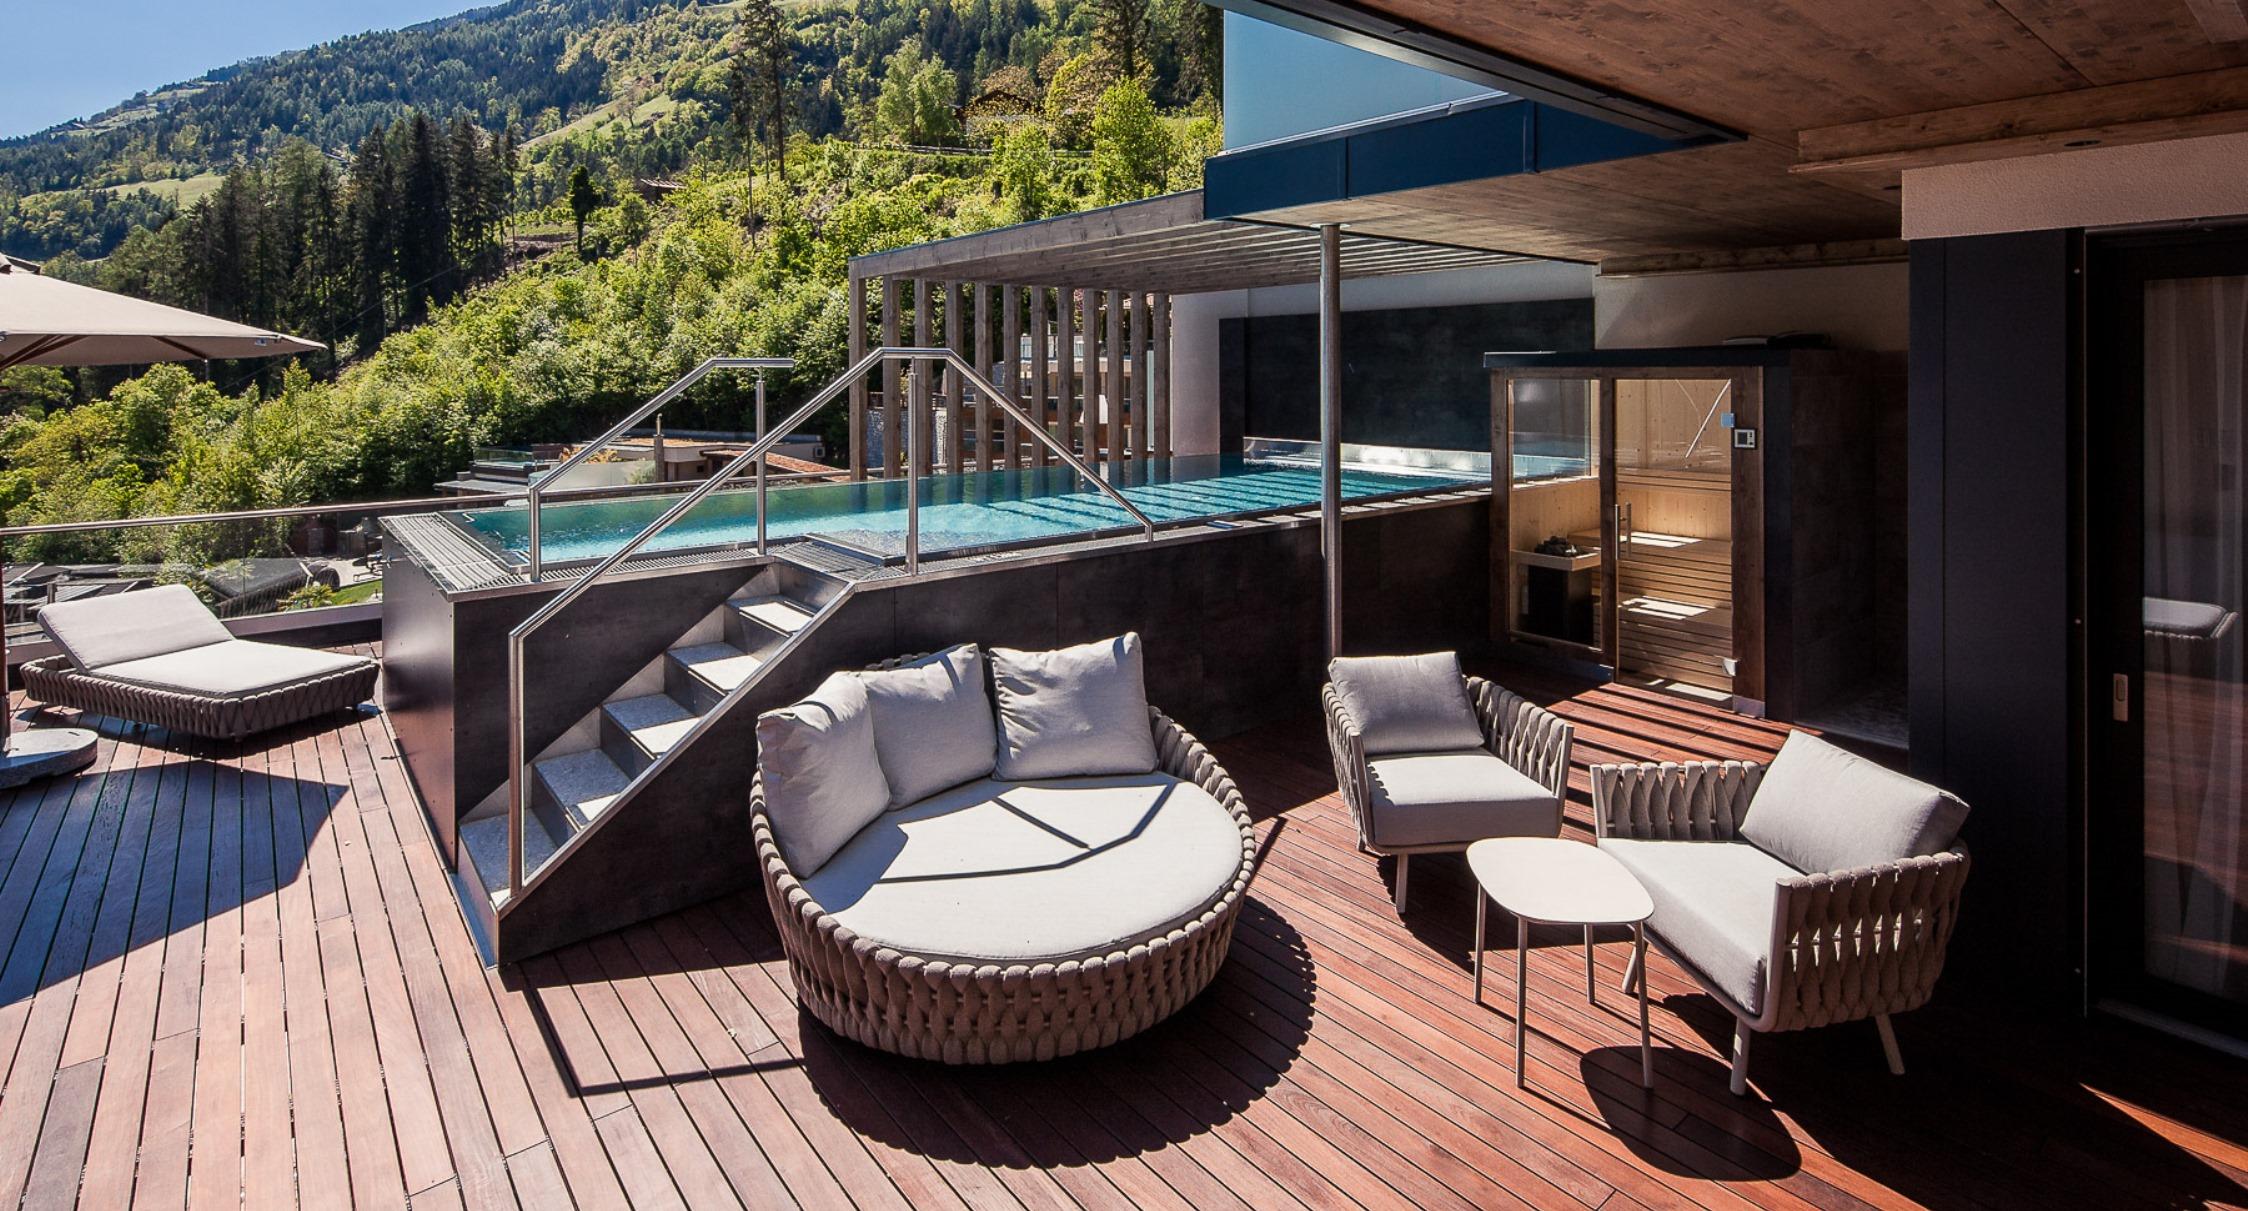 Hotelzimmer Mit Whirlpool Auf Terrasse Italien Wohn Design